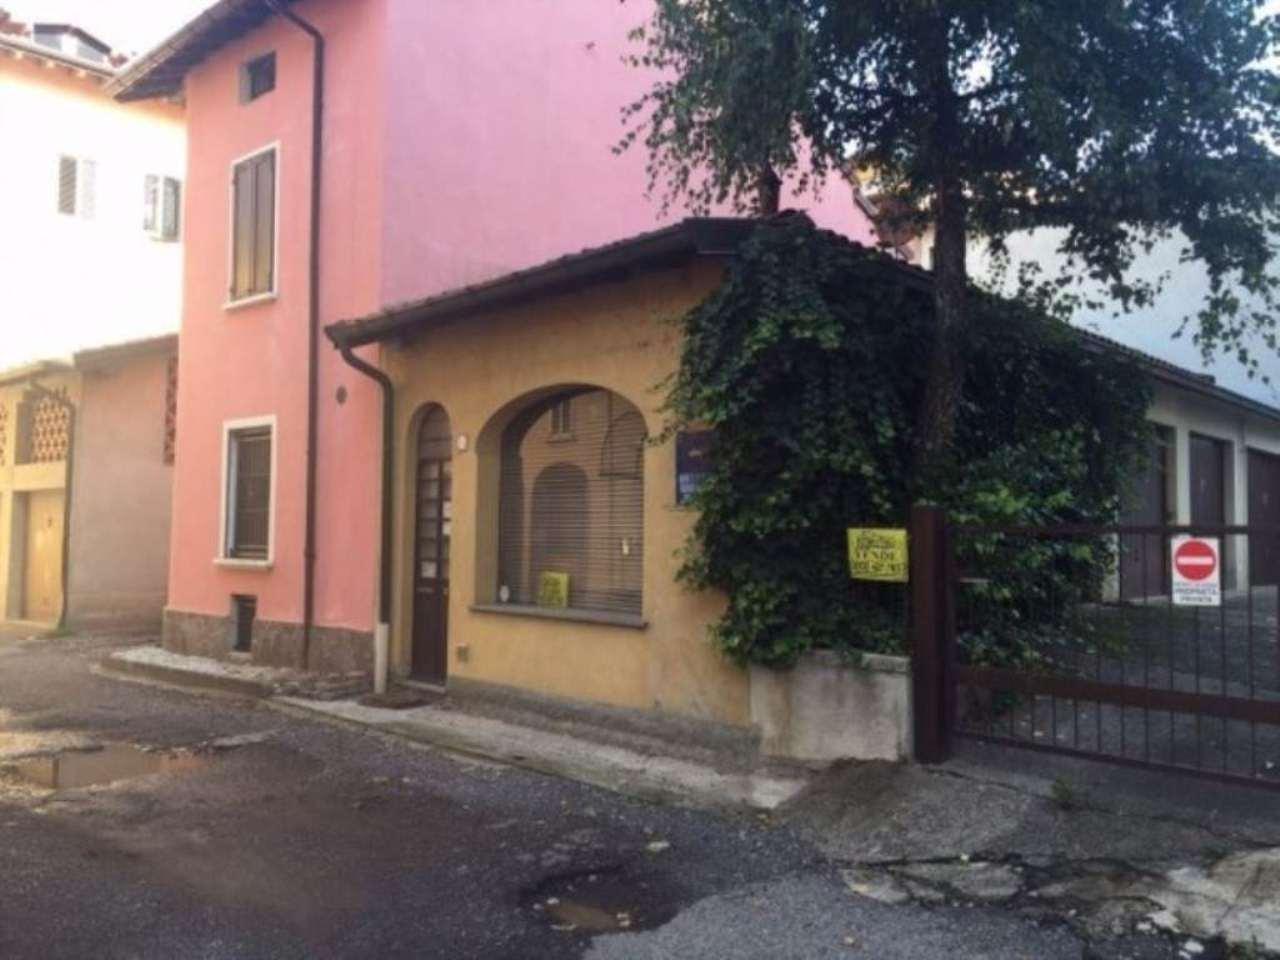 Negozio / Locale in vendita a Malnate, 1 locali, prezzo € 49.000 | CambioCasa.it